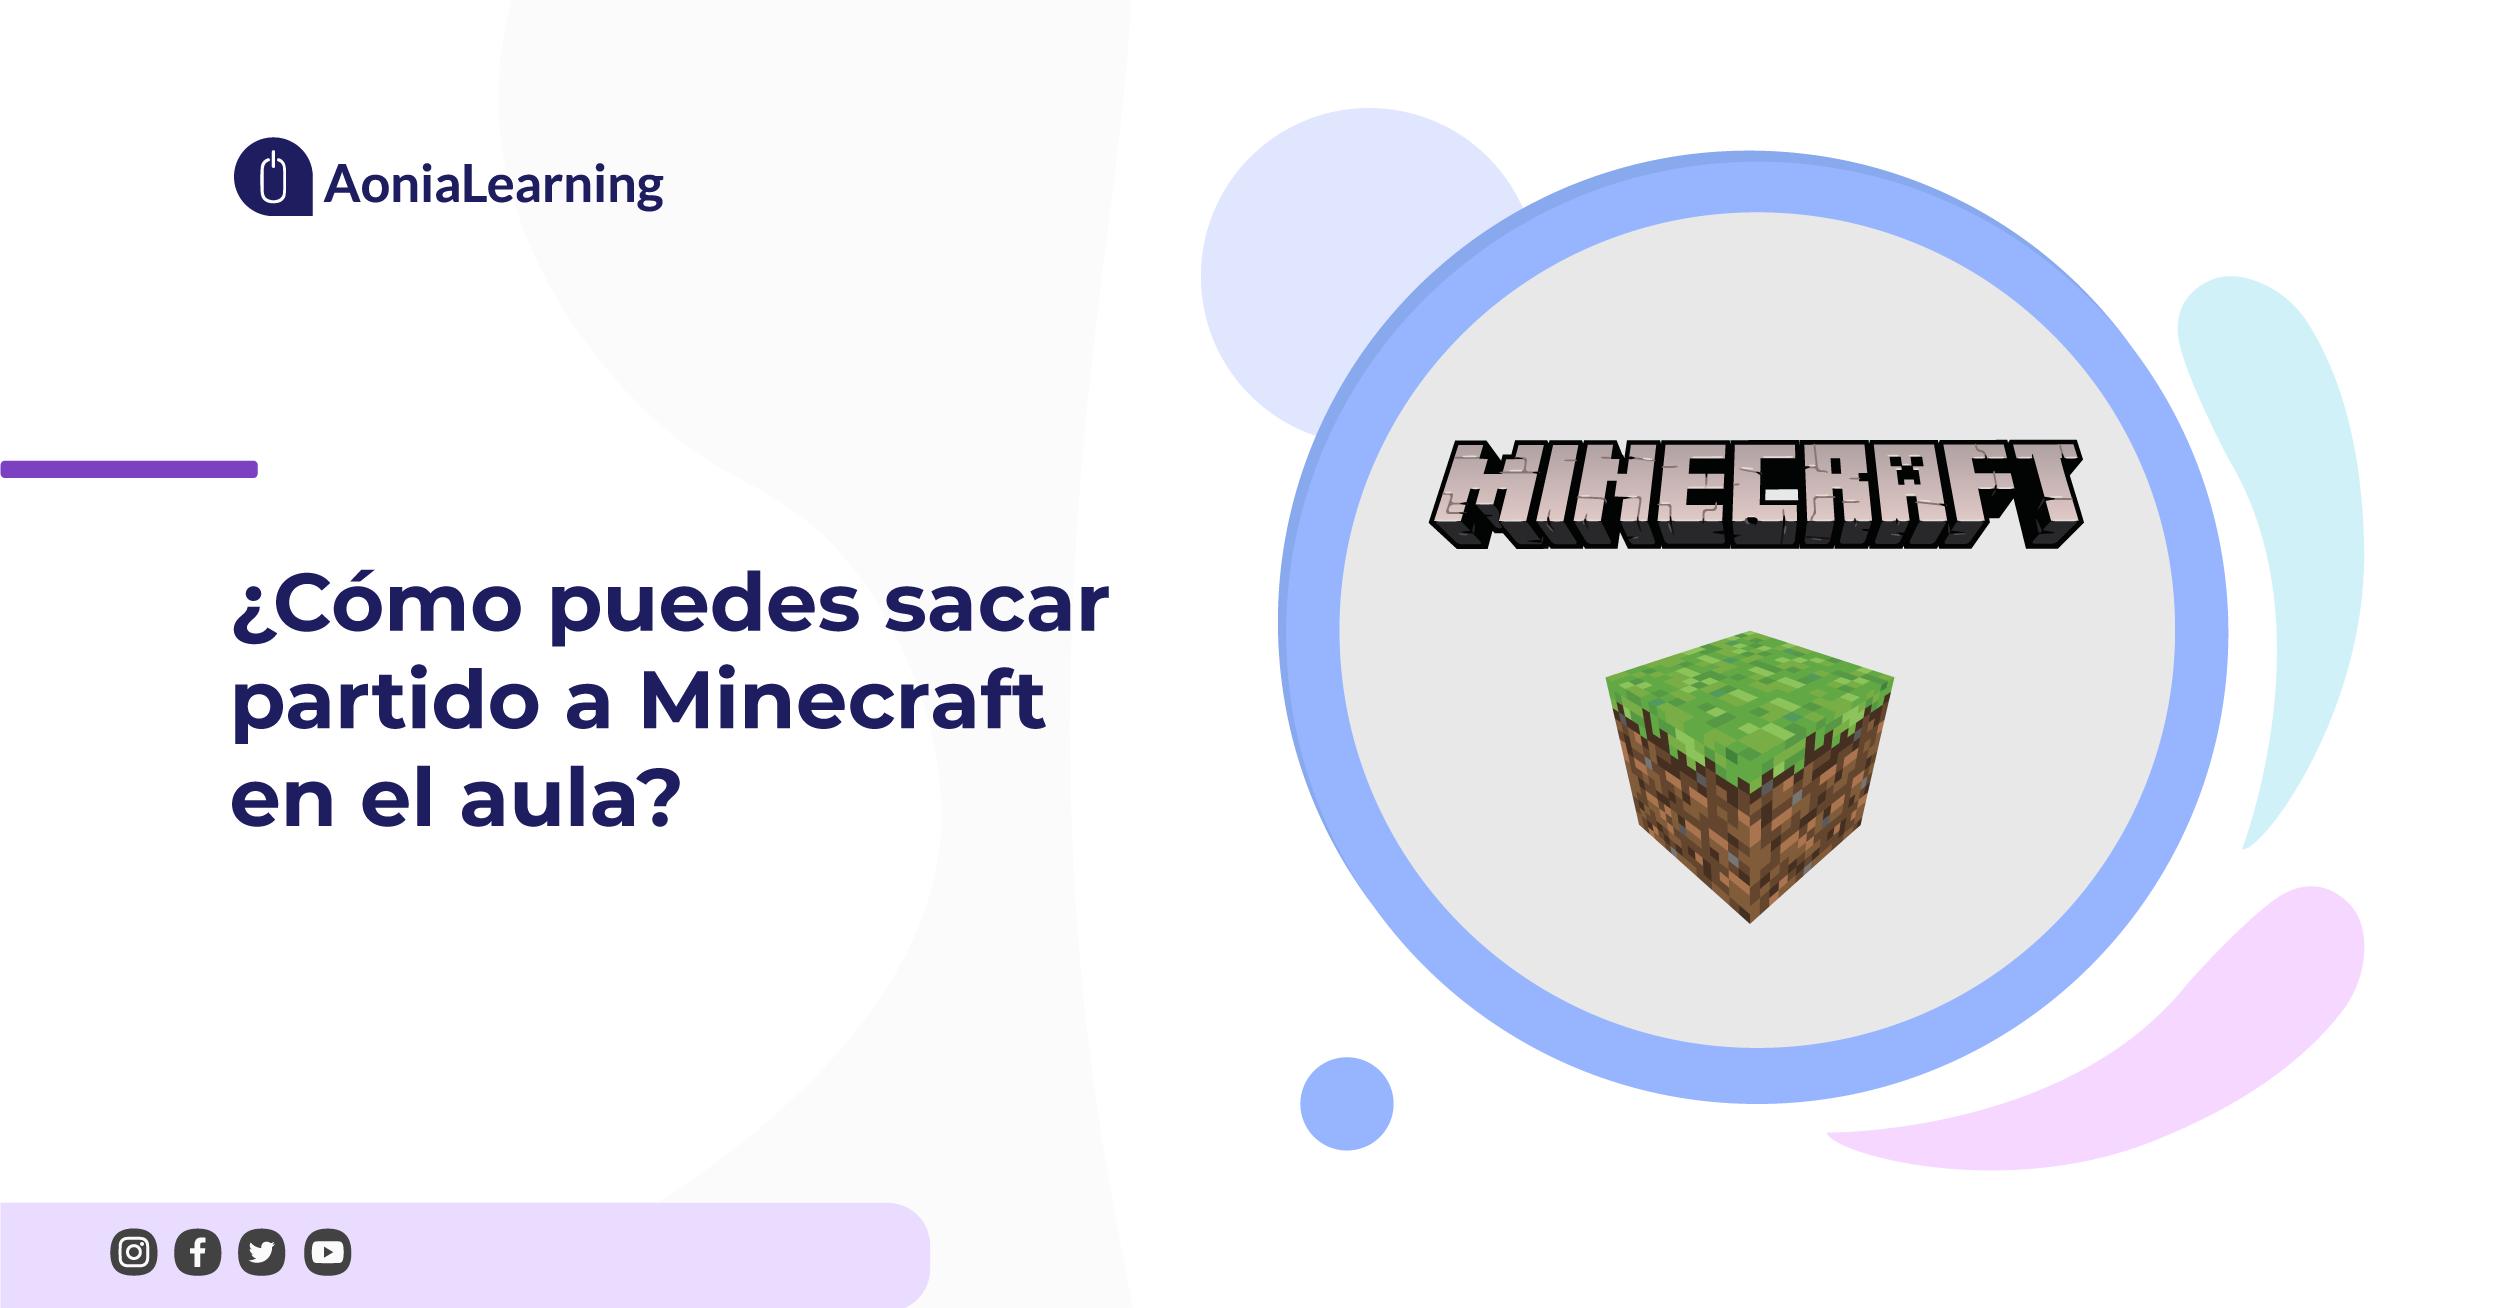 ¿Cómo puedes sacar partido a Minecraft en el aula?